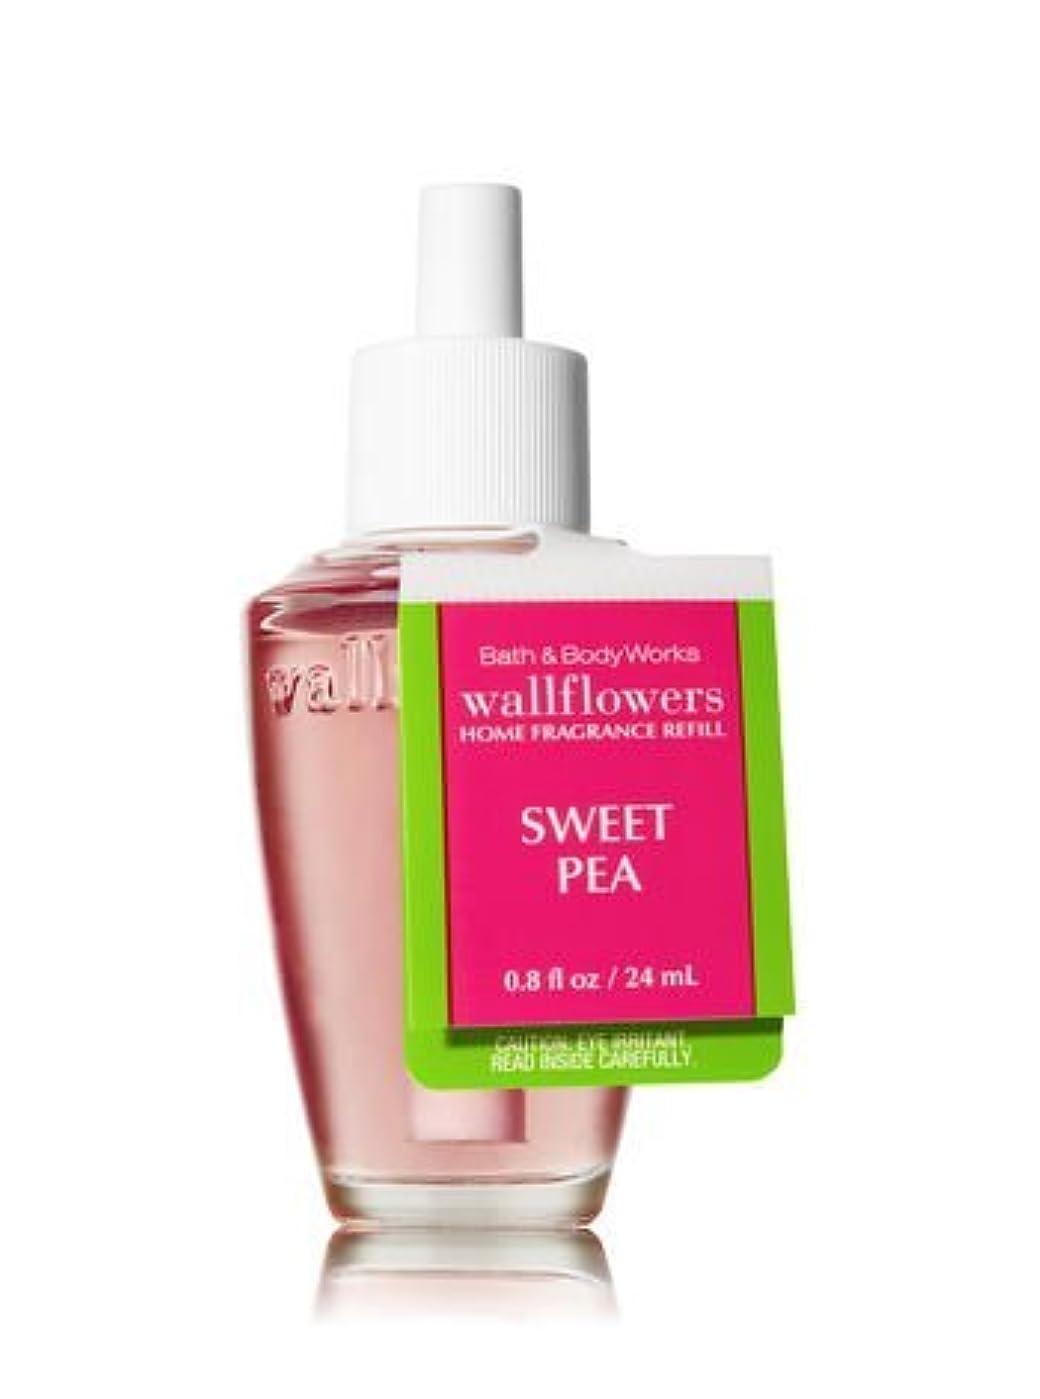 文庫本負荷バタフライ【Bath&Body Works/バス&ボディワークス】 ルームフレグランス 詰替えリフィル スイートピー Wallflowers Home Fragrance Refill Sweet Pea [並行輸入品]